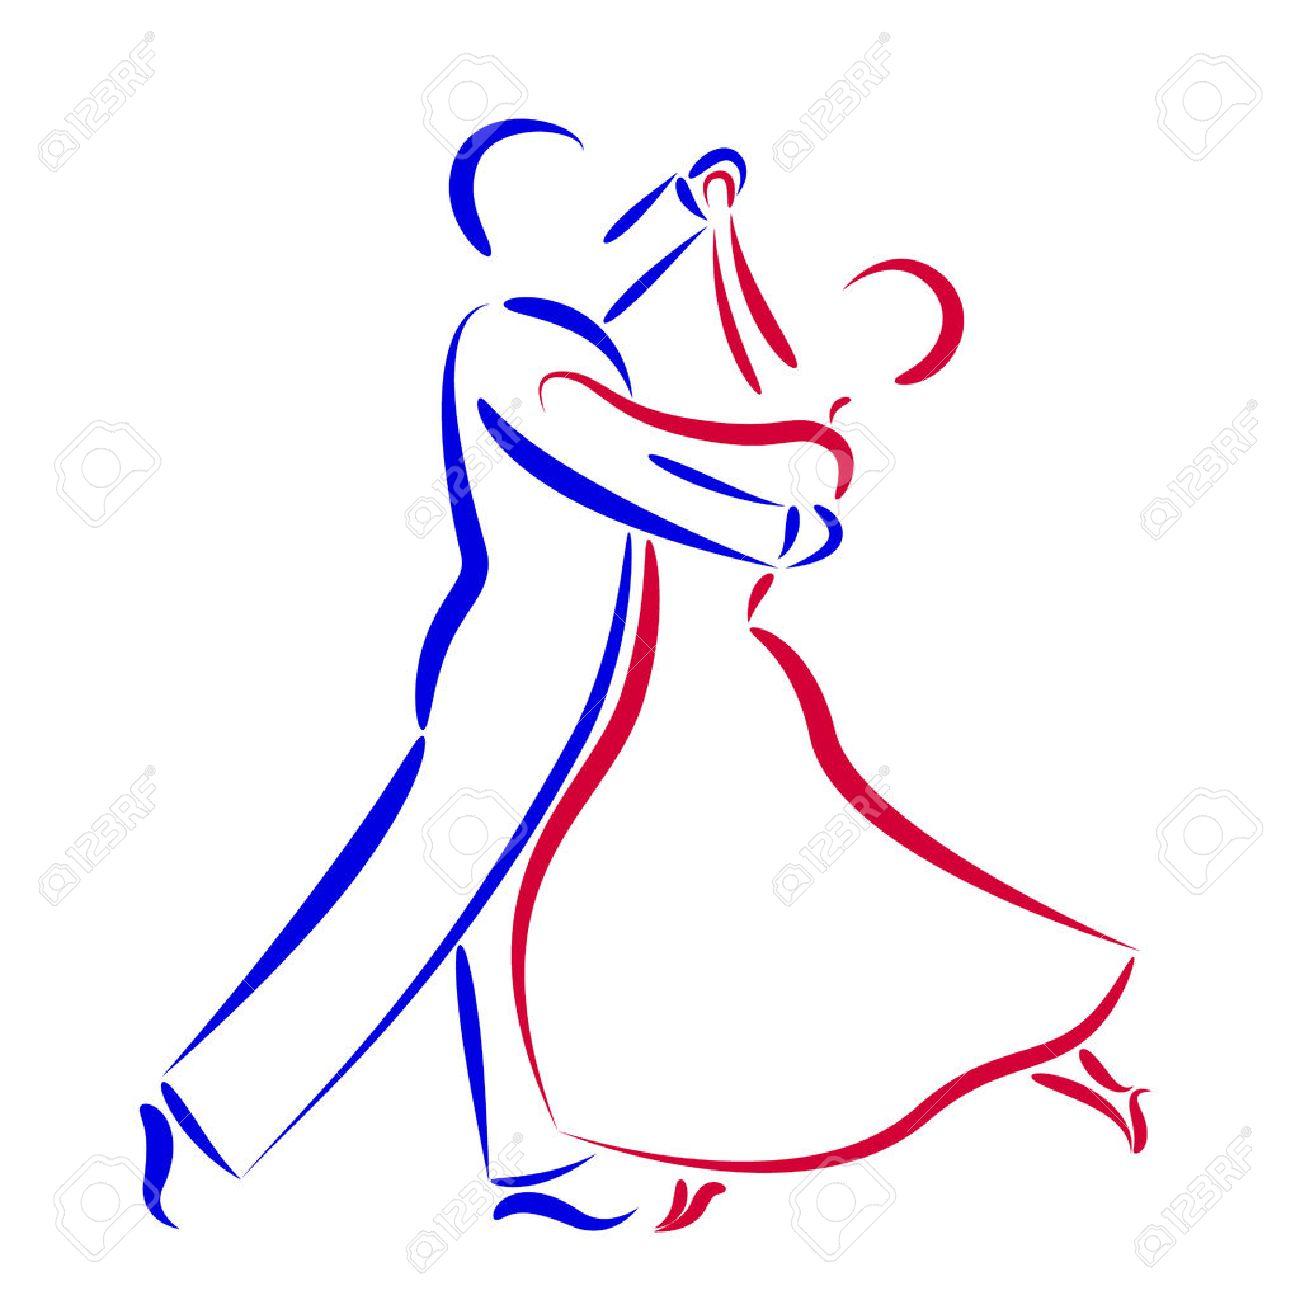 Tanzpaar-Logo Auf Weißem Hintergrund. Paar Silhouette Tanzen. Waltz ...